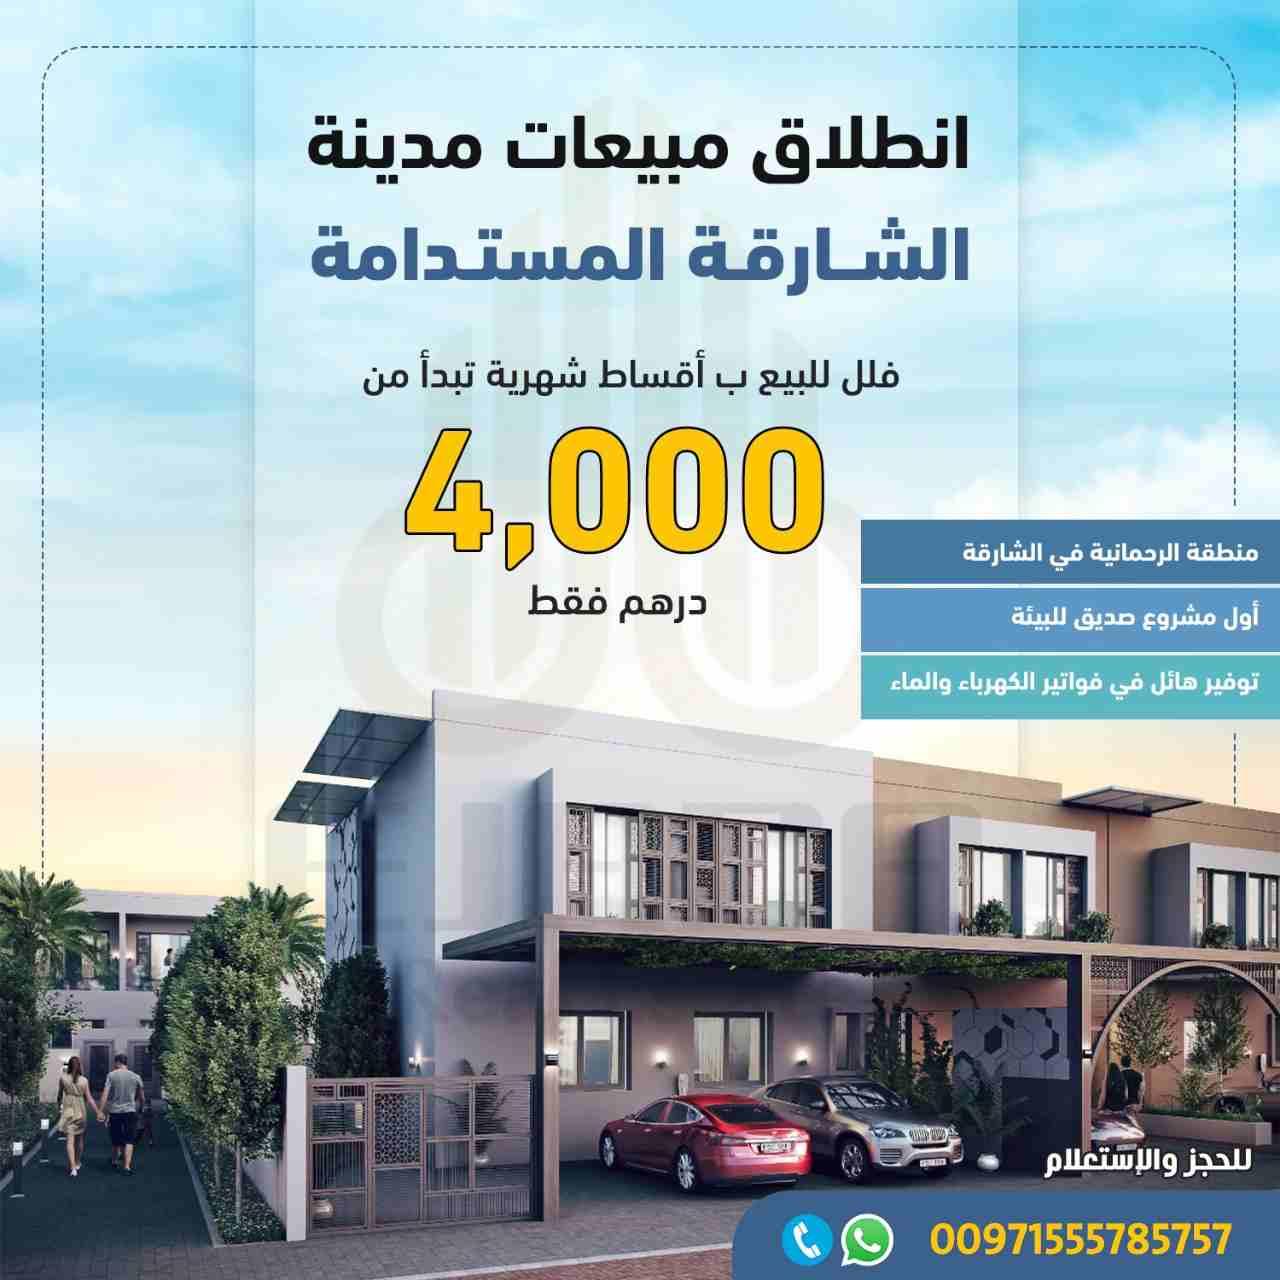 3 غرف 2.58 مليون ..... مساحة 2800 قدم مريع تملك حر للعرب و المقيمينخطة سداد على. 4 سنواتاقساط شهر-  فلل للبيع في مدينة...